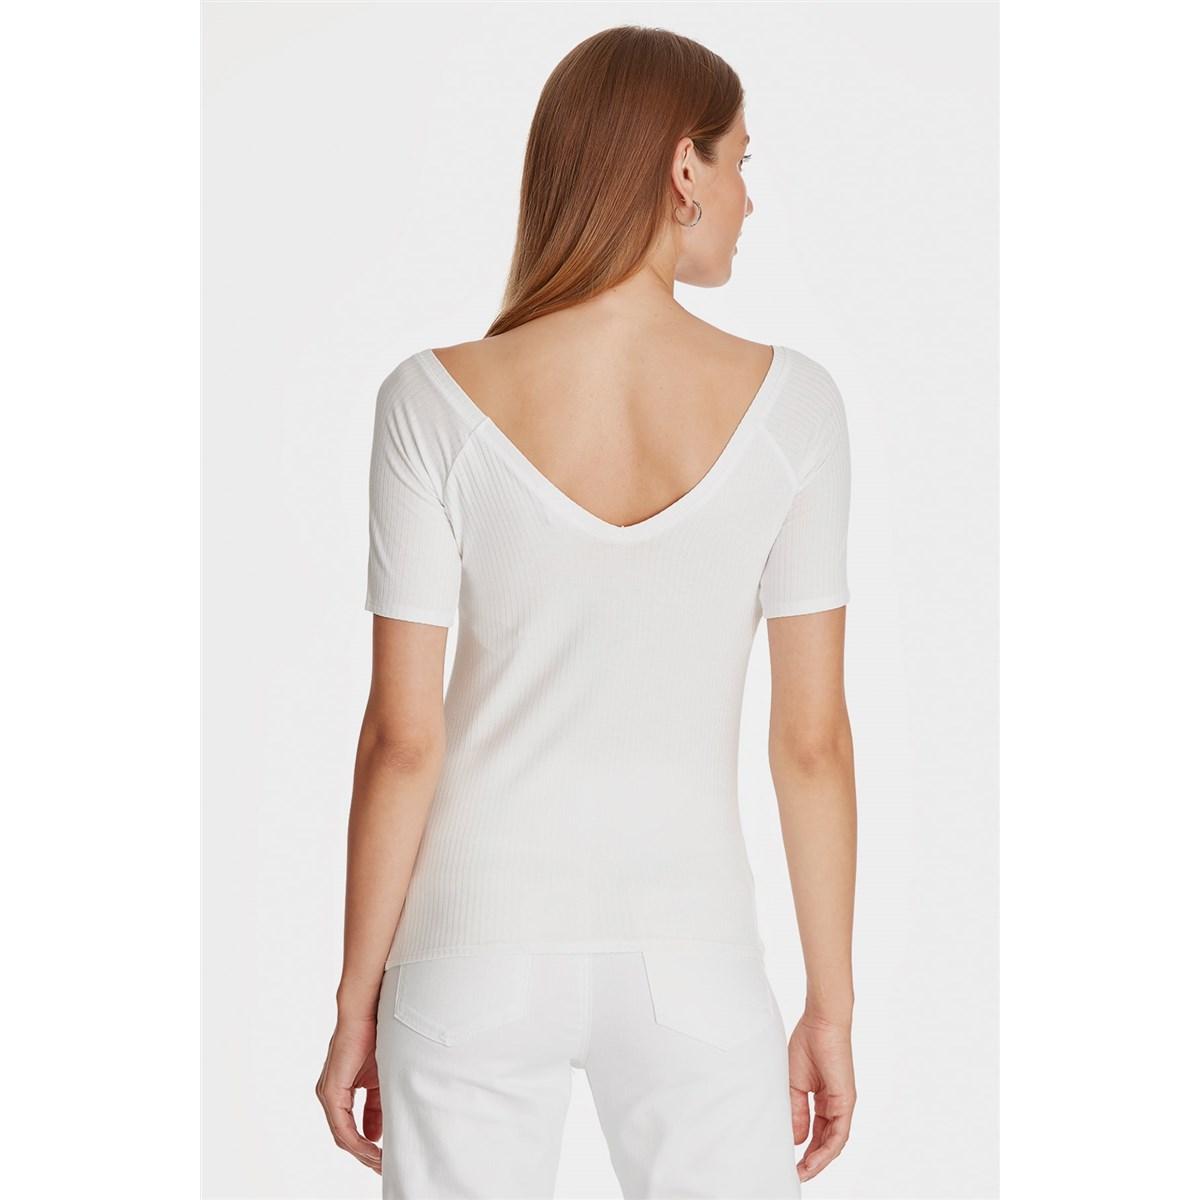 Mavi Derin V Yaka Kadın Beyaz Basic Tişört